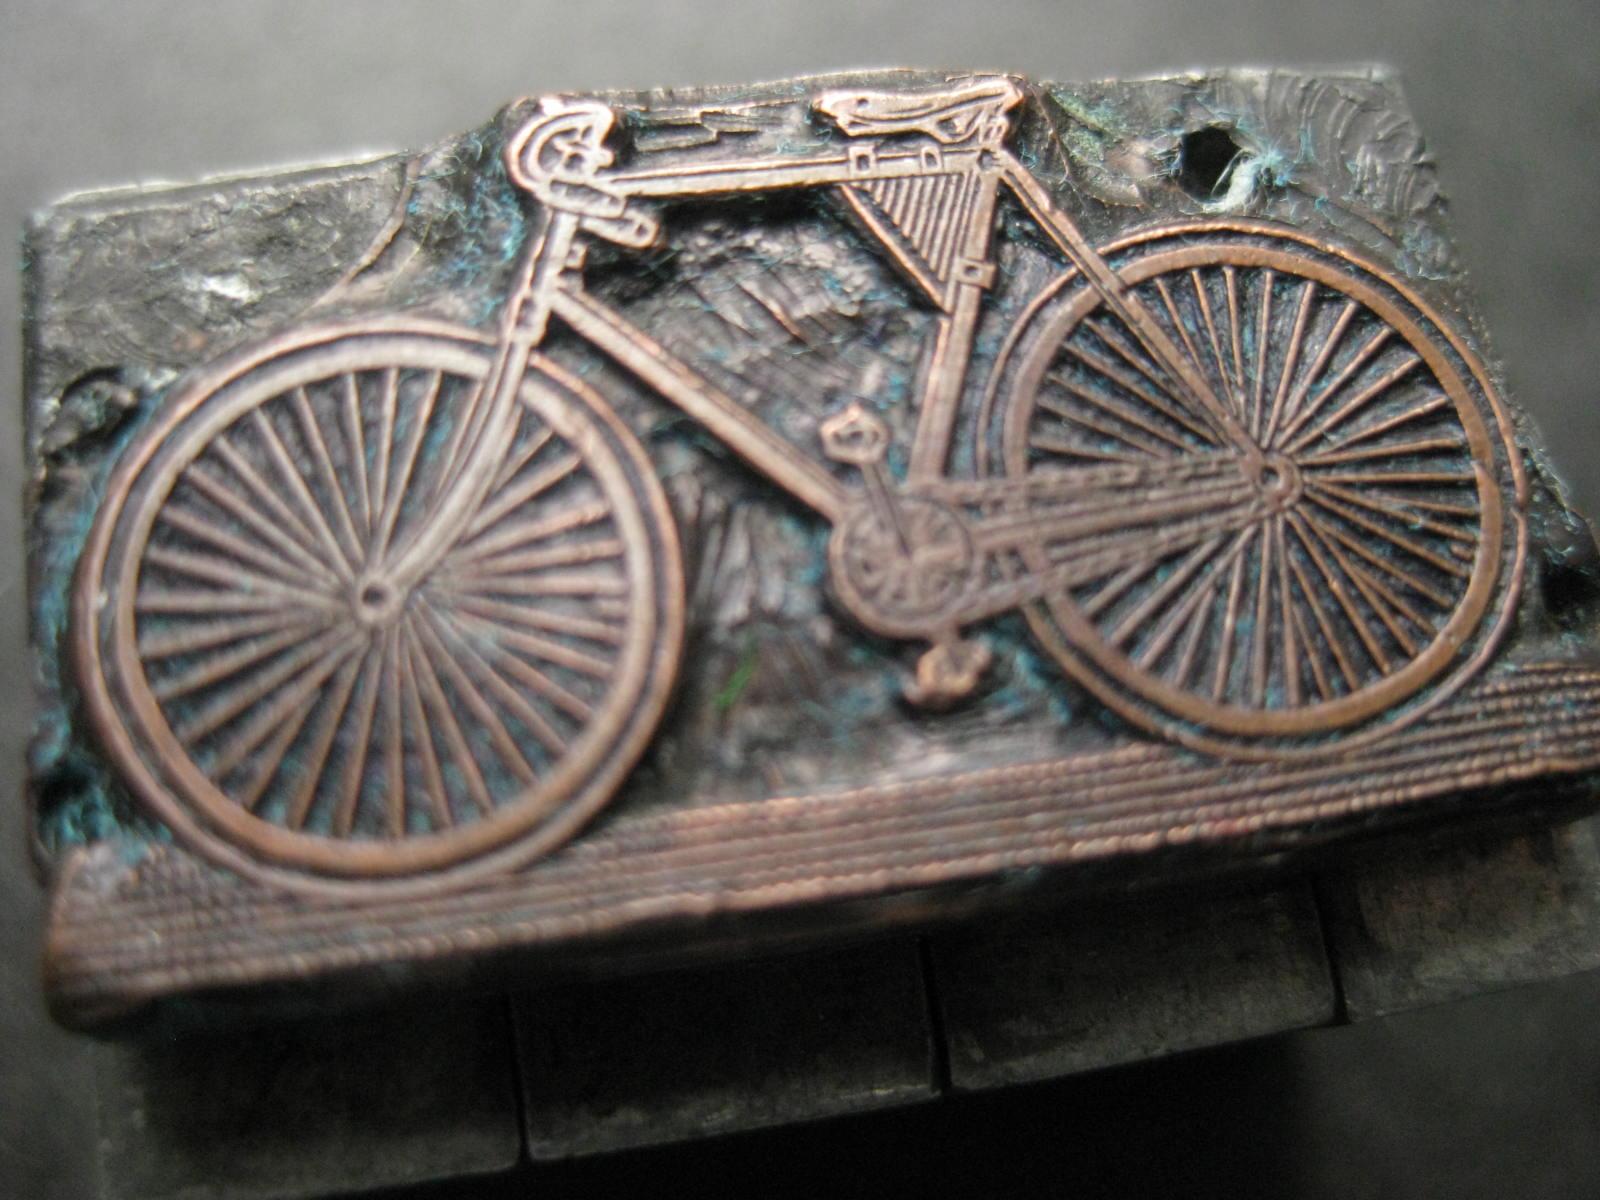 Fahrrad Druckplatte